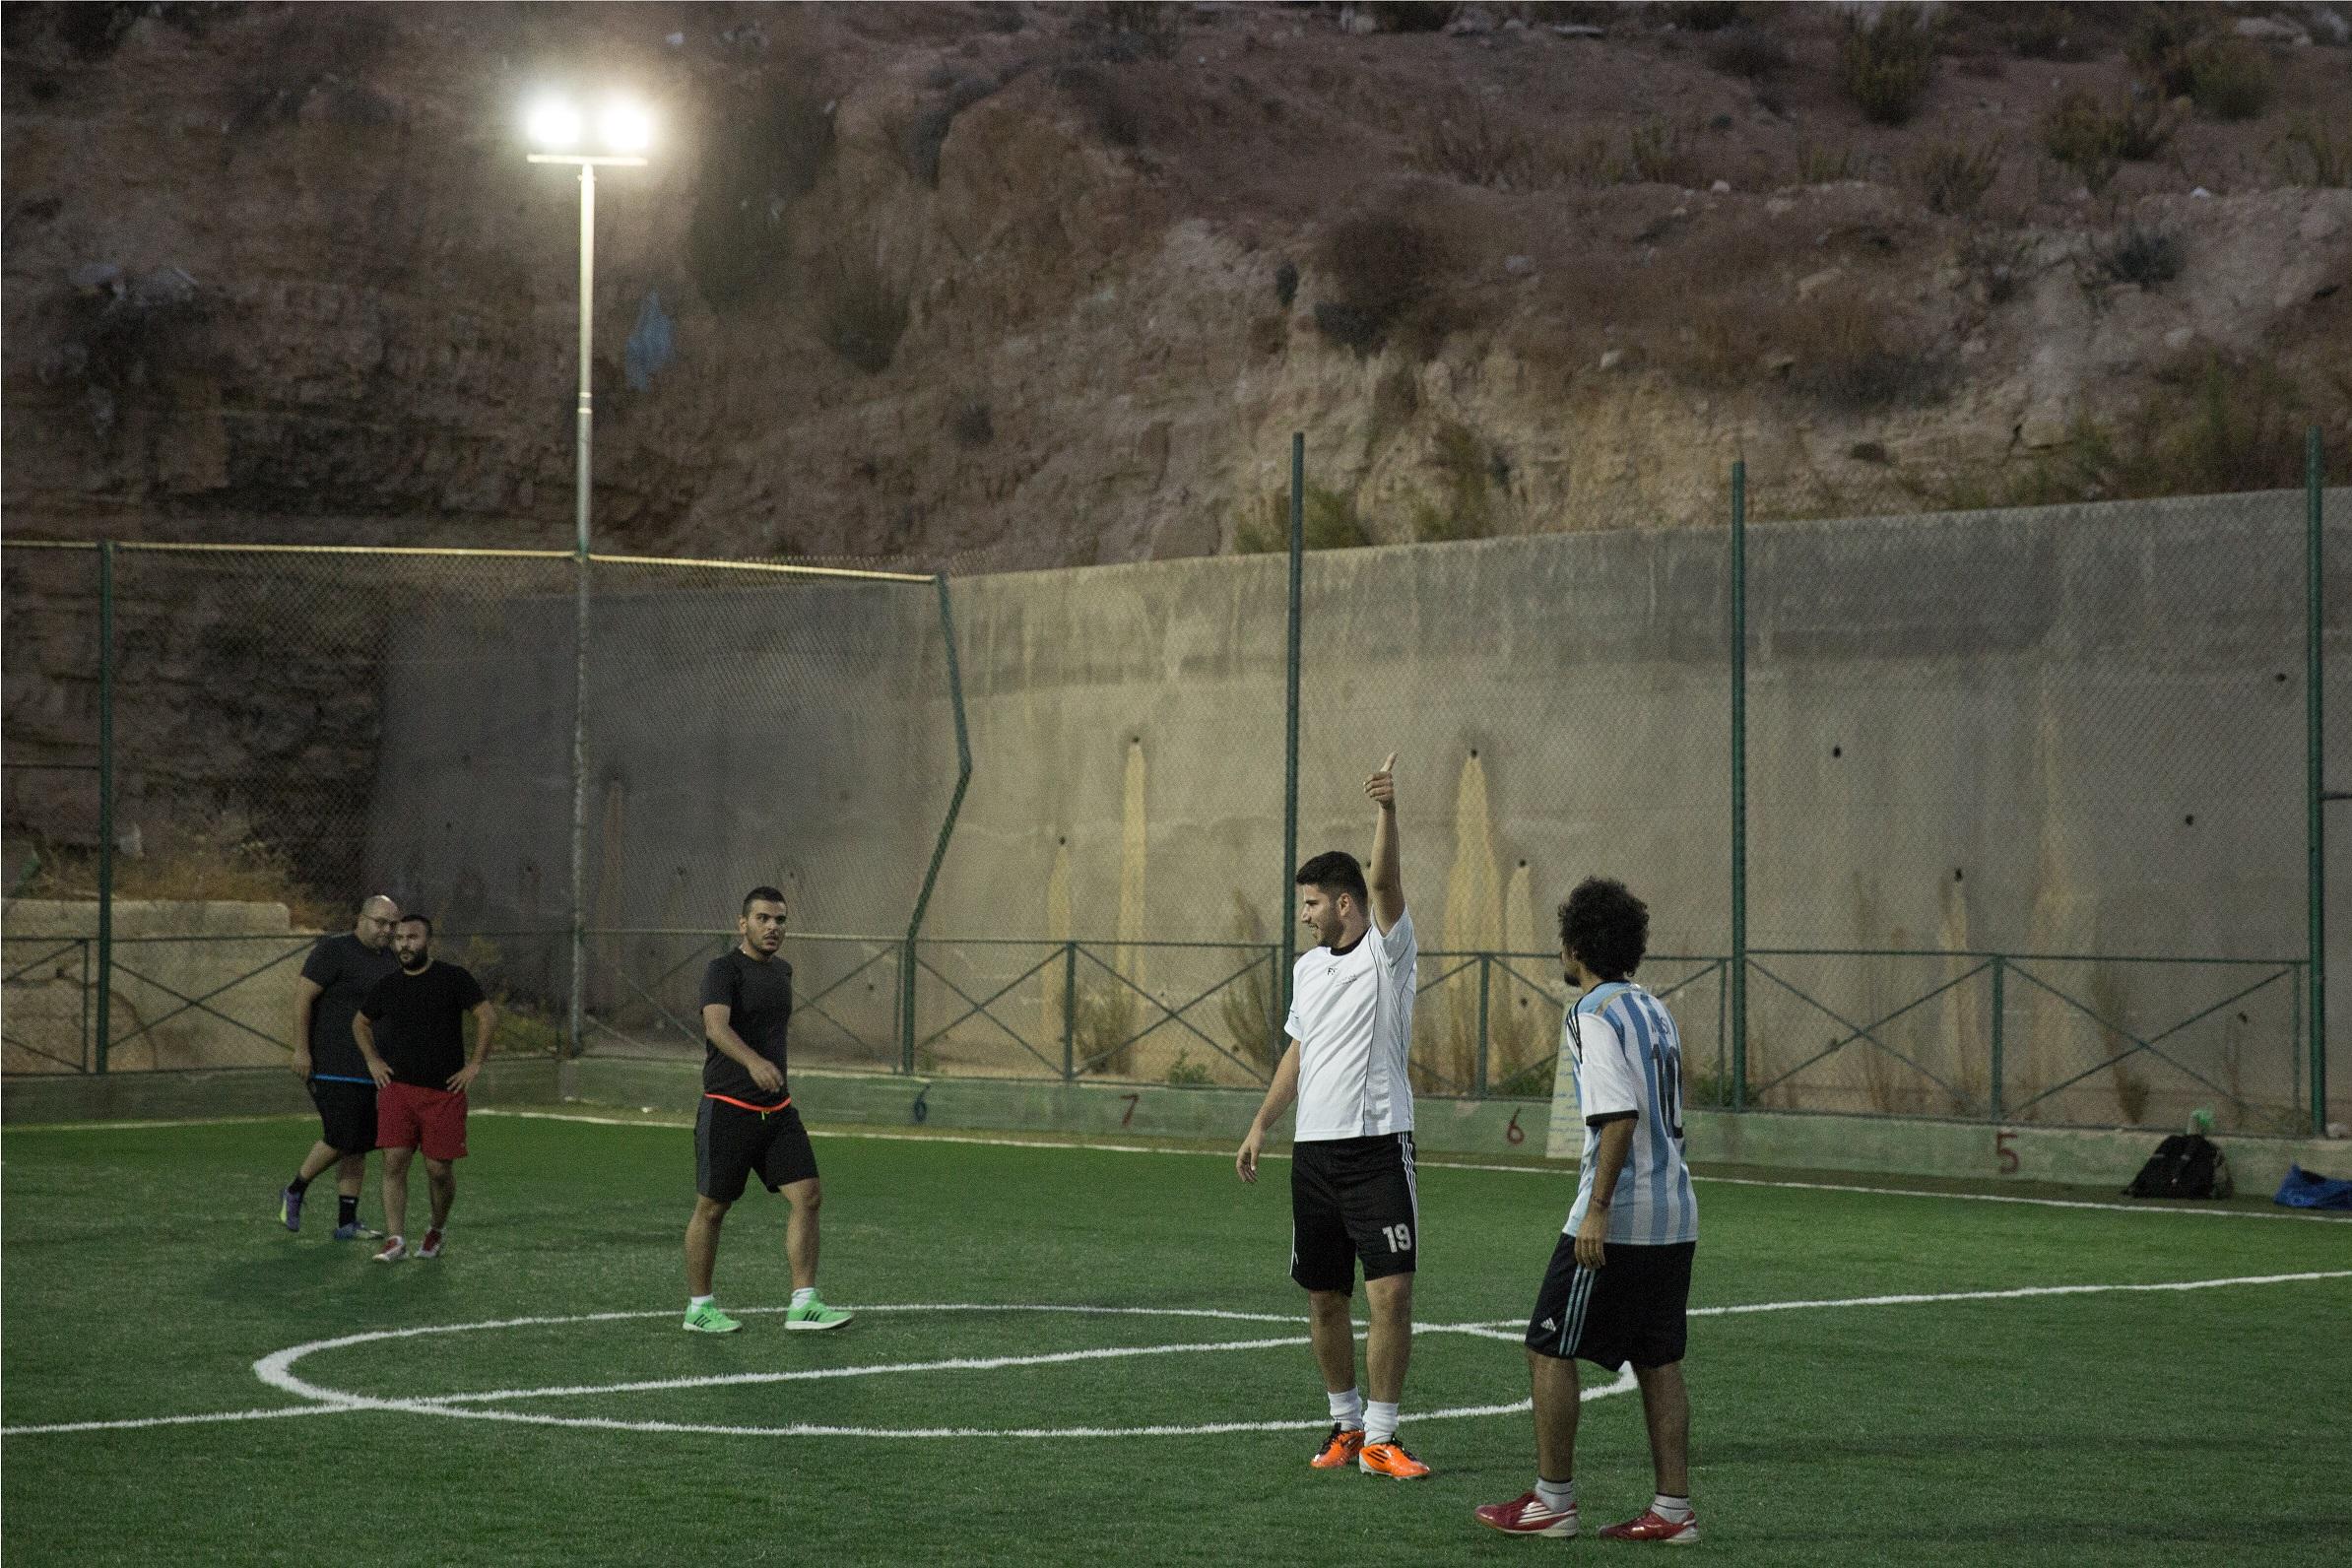 مجدي يلعب كرة القدم مع أصدقائه